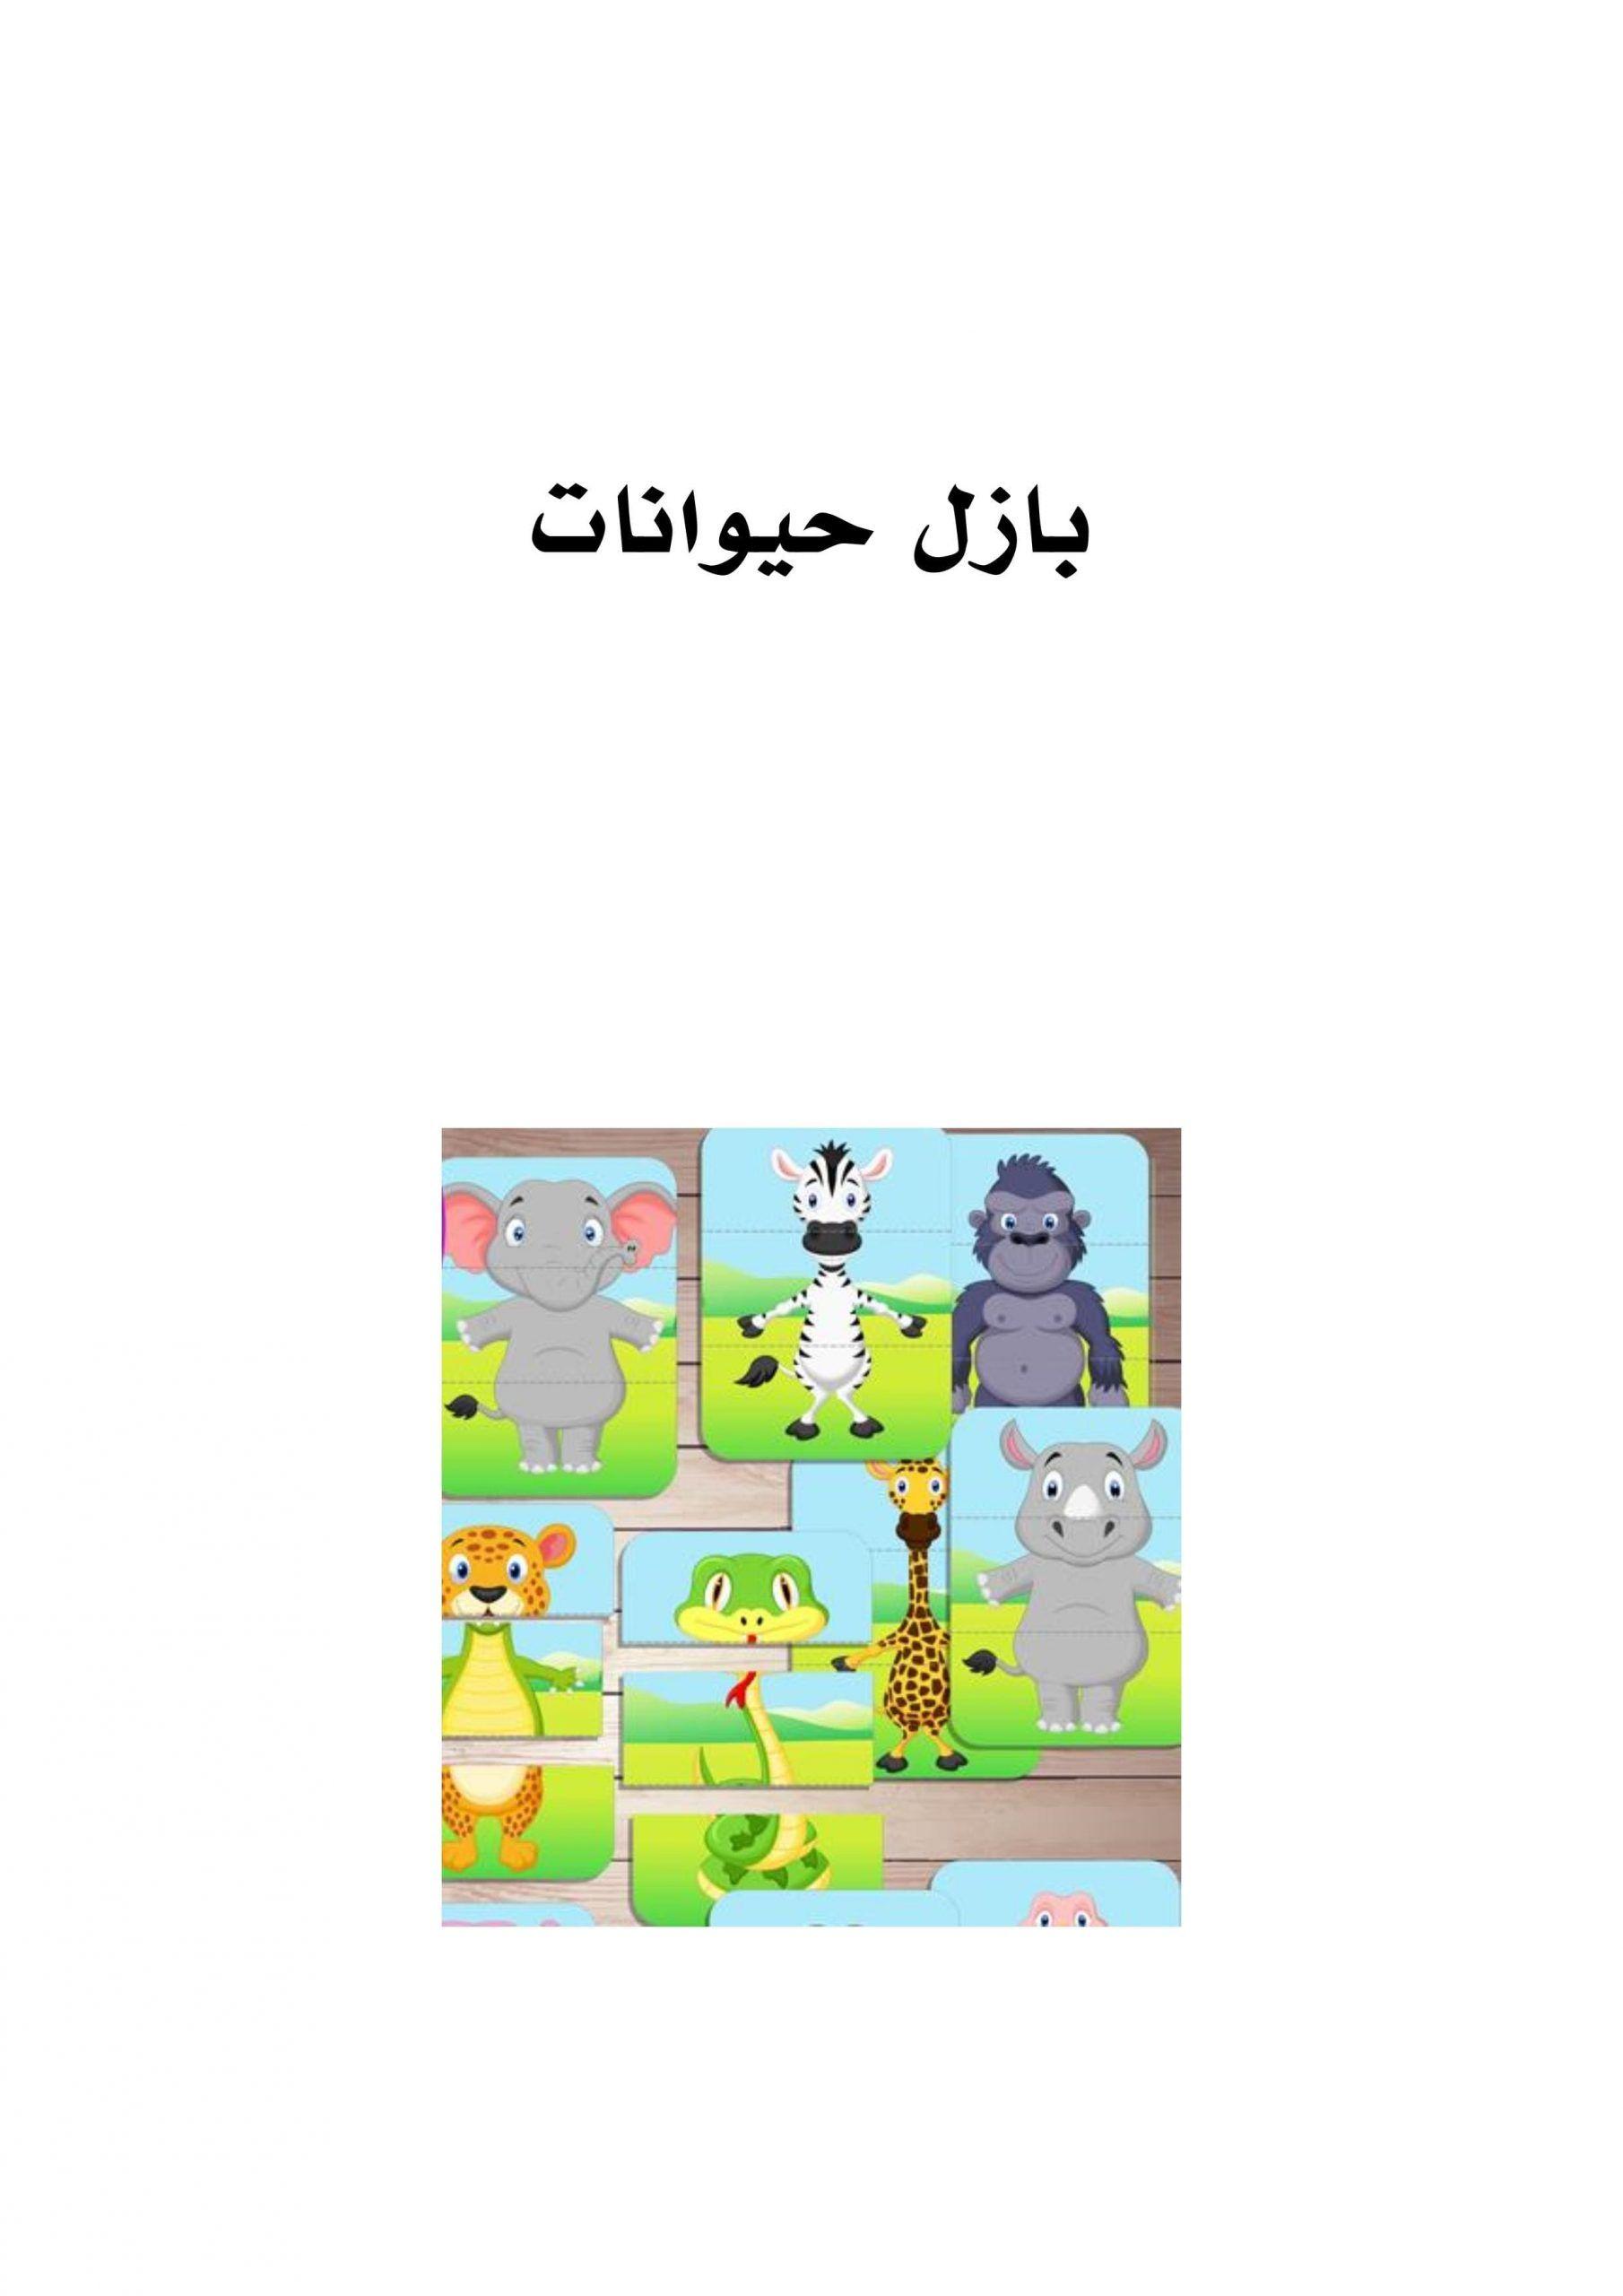 لعبة بازل الحيوانات لتعليم الاطفال عن طريق اللعب و المرح Art